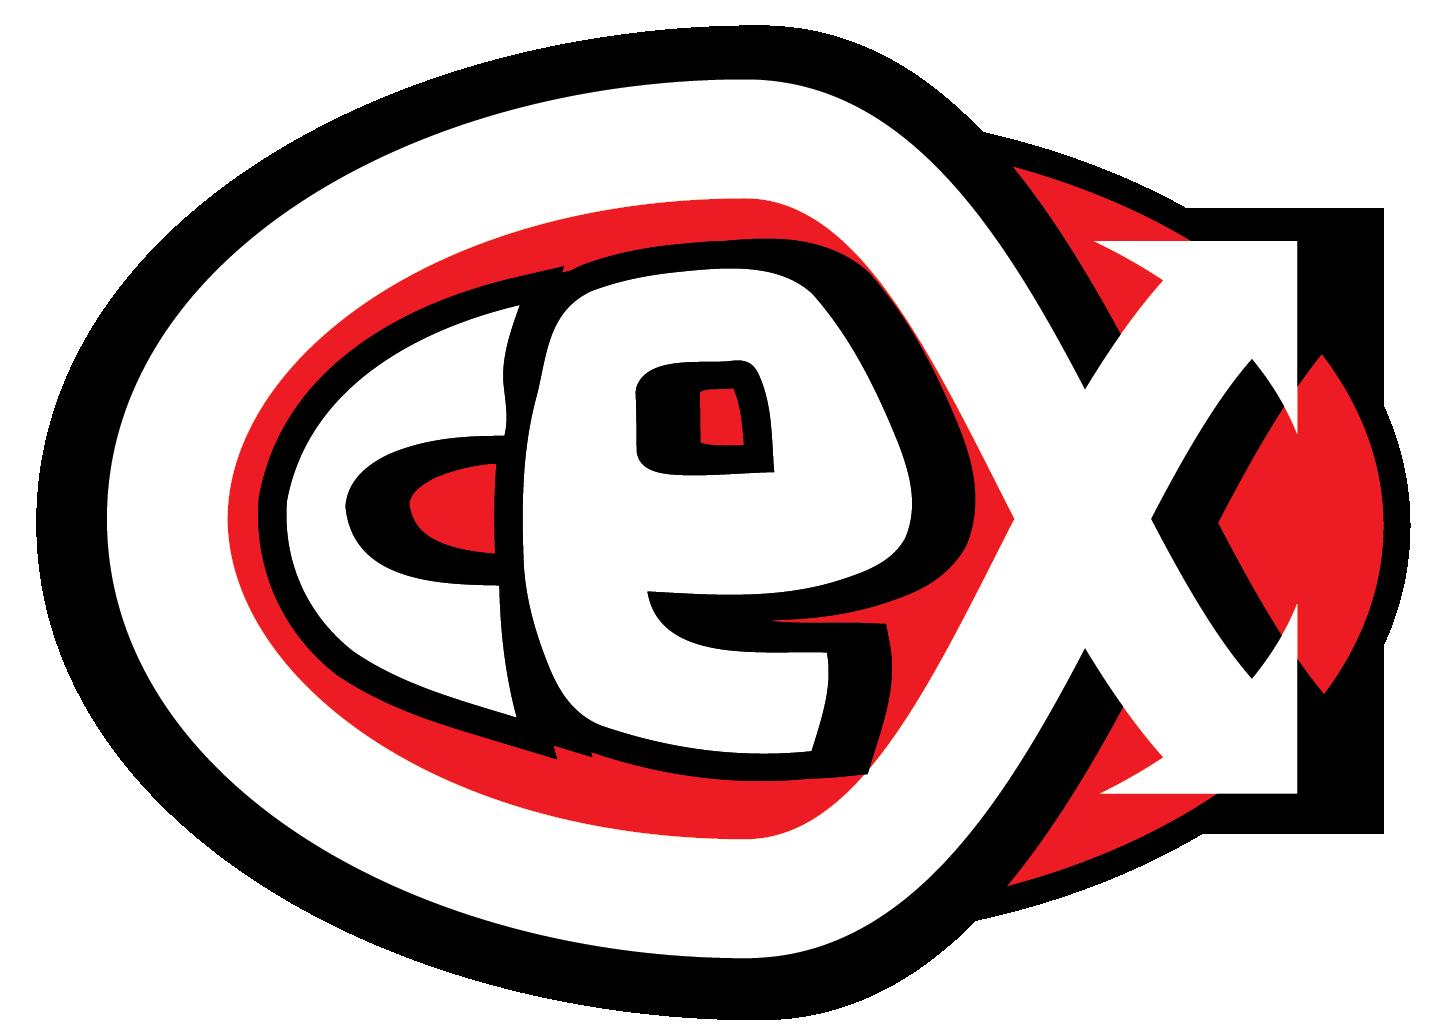 CeX_Logo